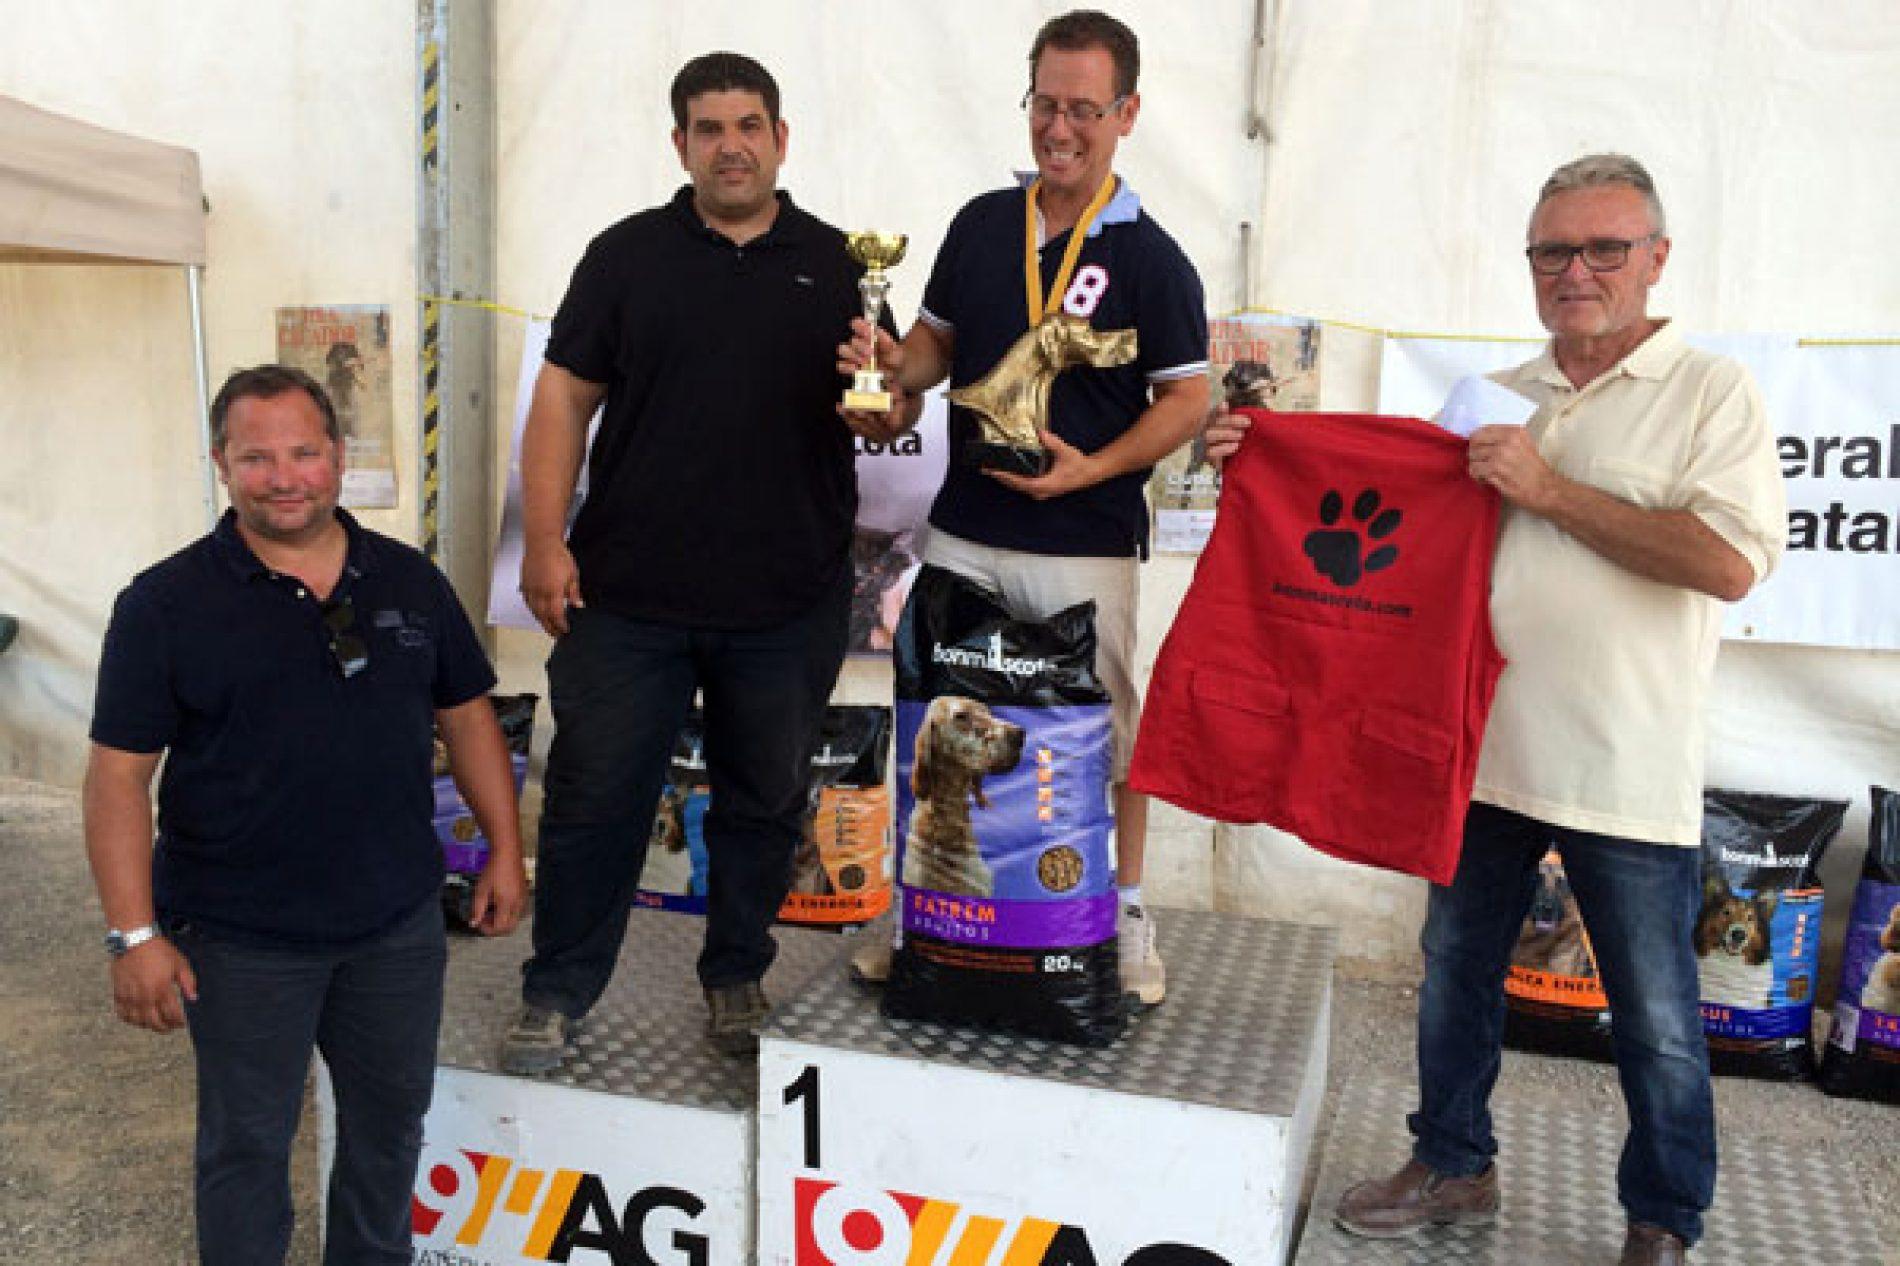 Se celebra el XI Campeonato de Cataluña de Perros de Muestra con mención CACT